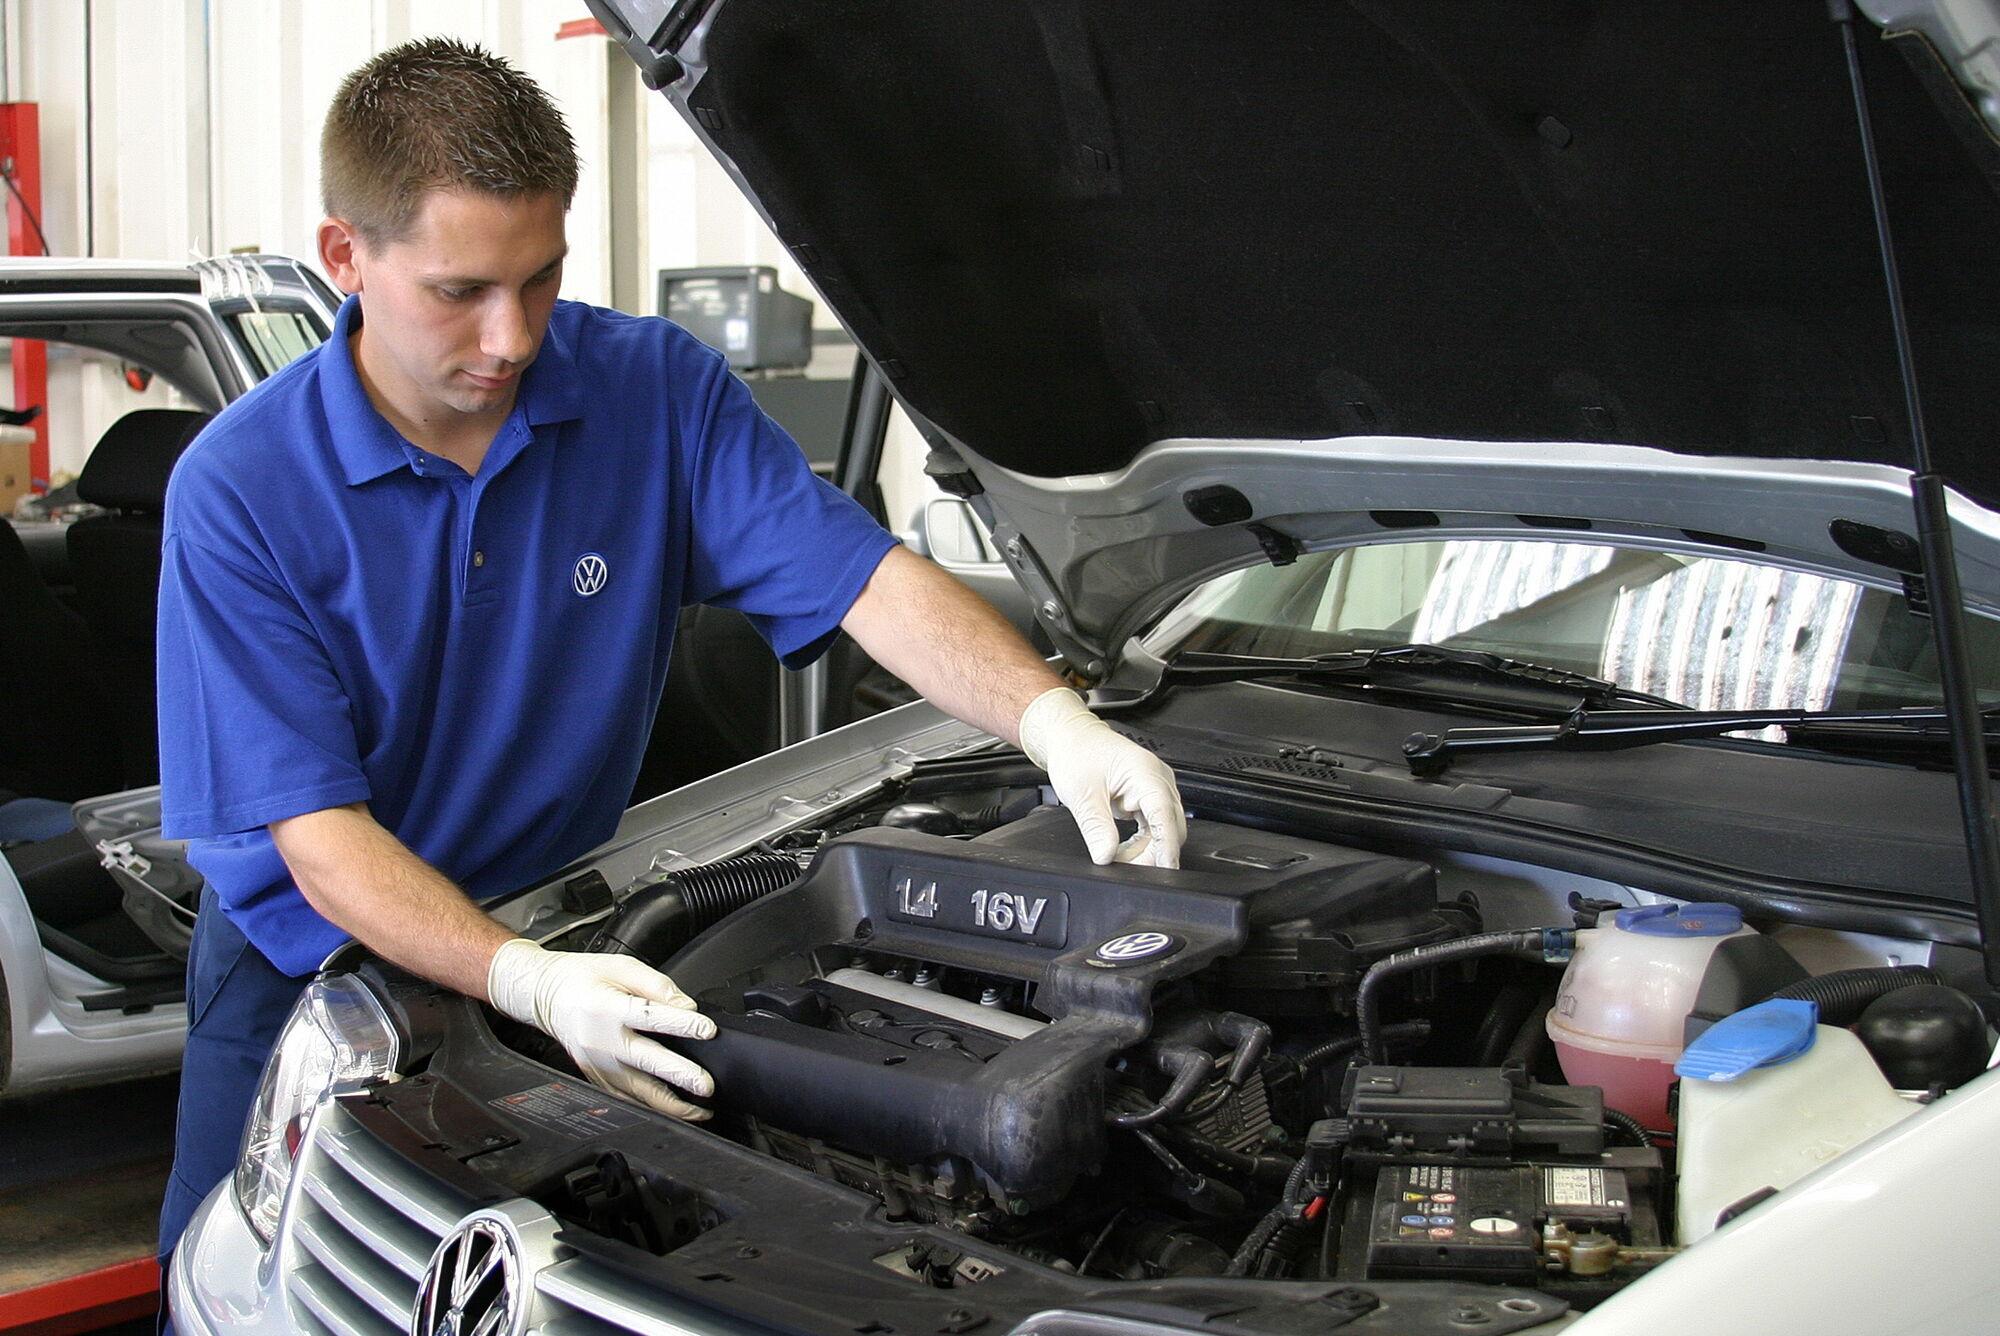 Наибольшее количество неприятностей ожидает автолюбителя, если вода попала в двигатель, а также в электронные компоненты